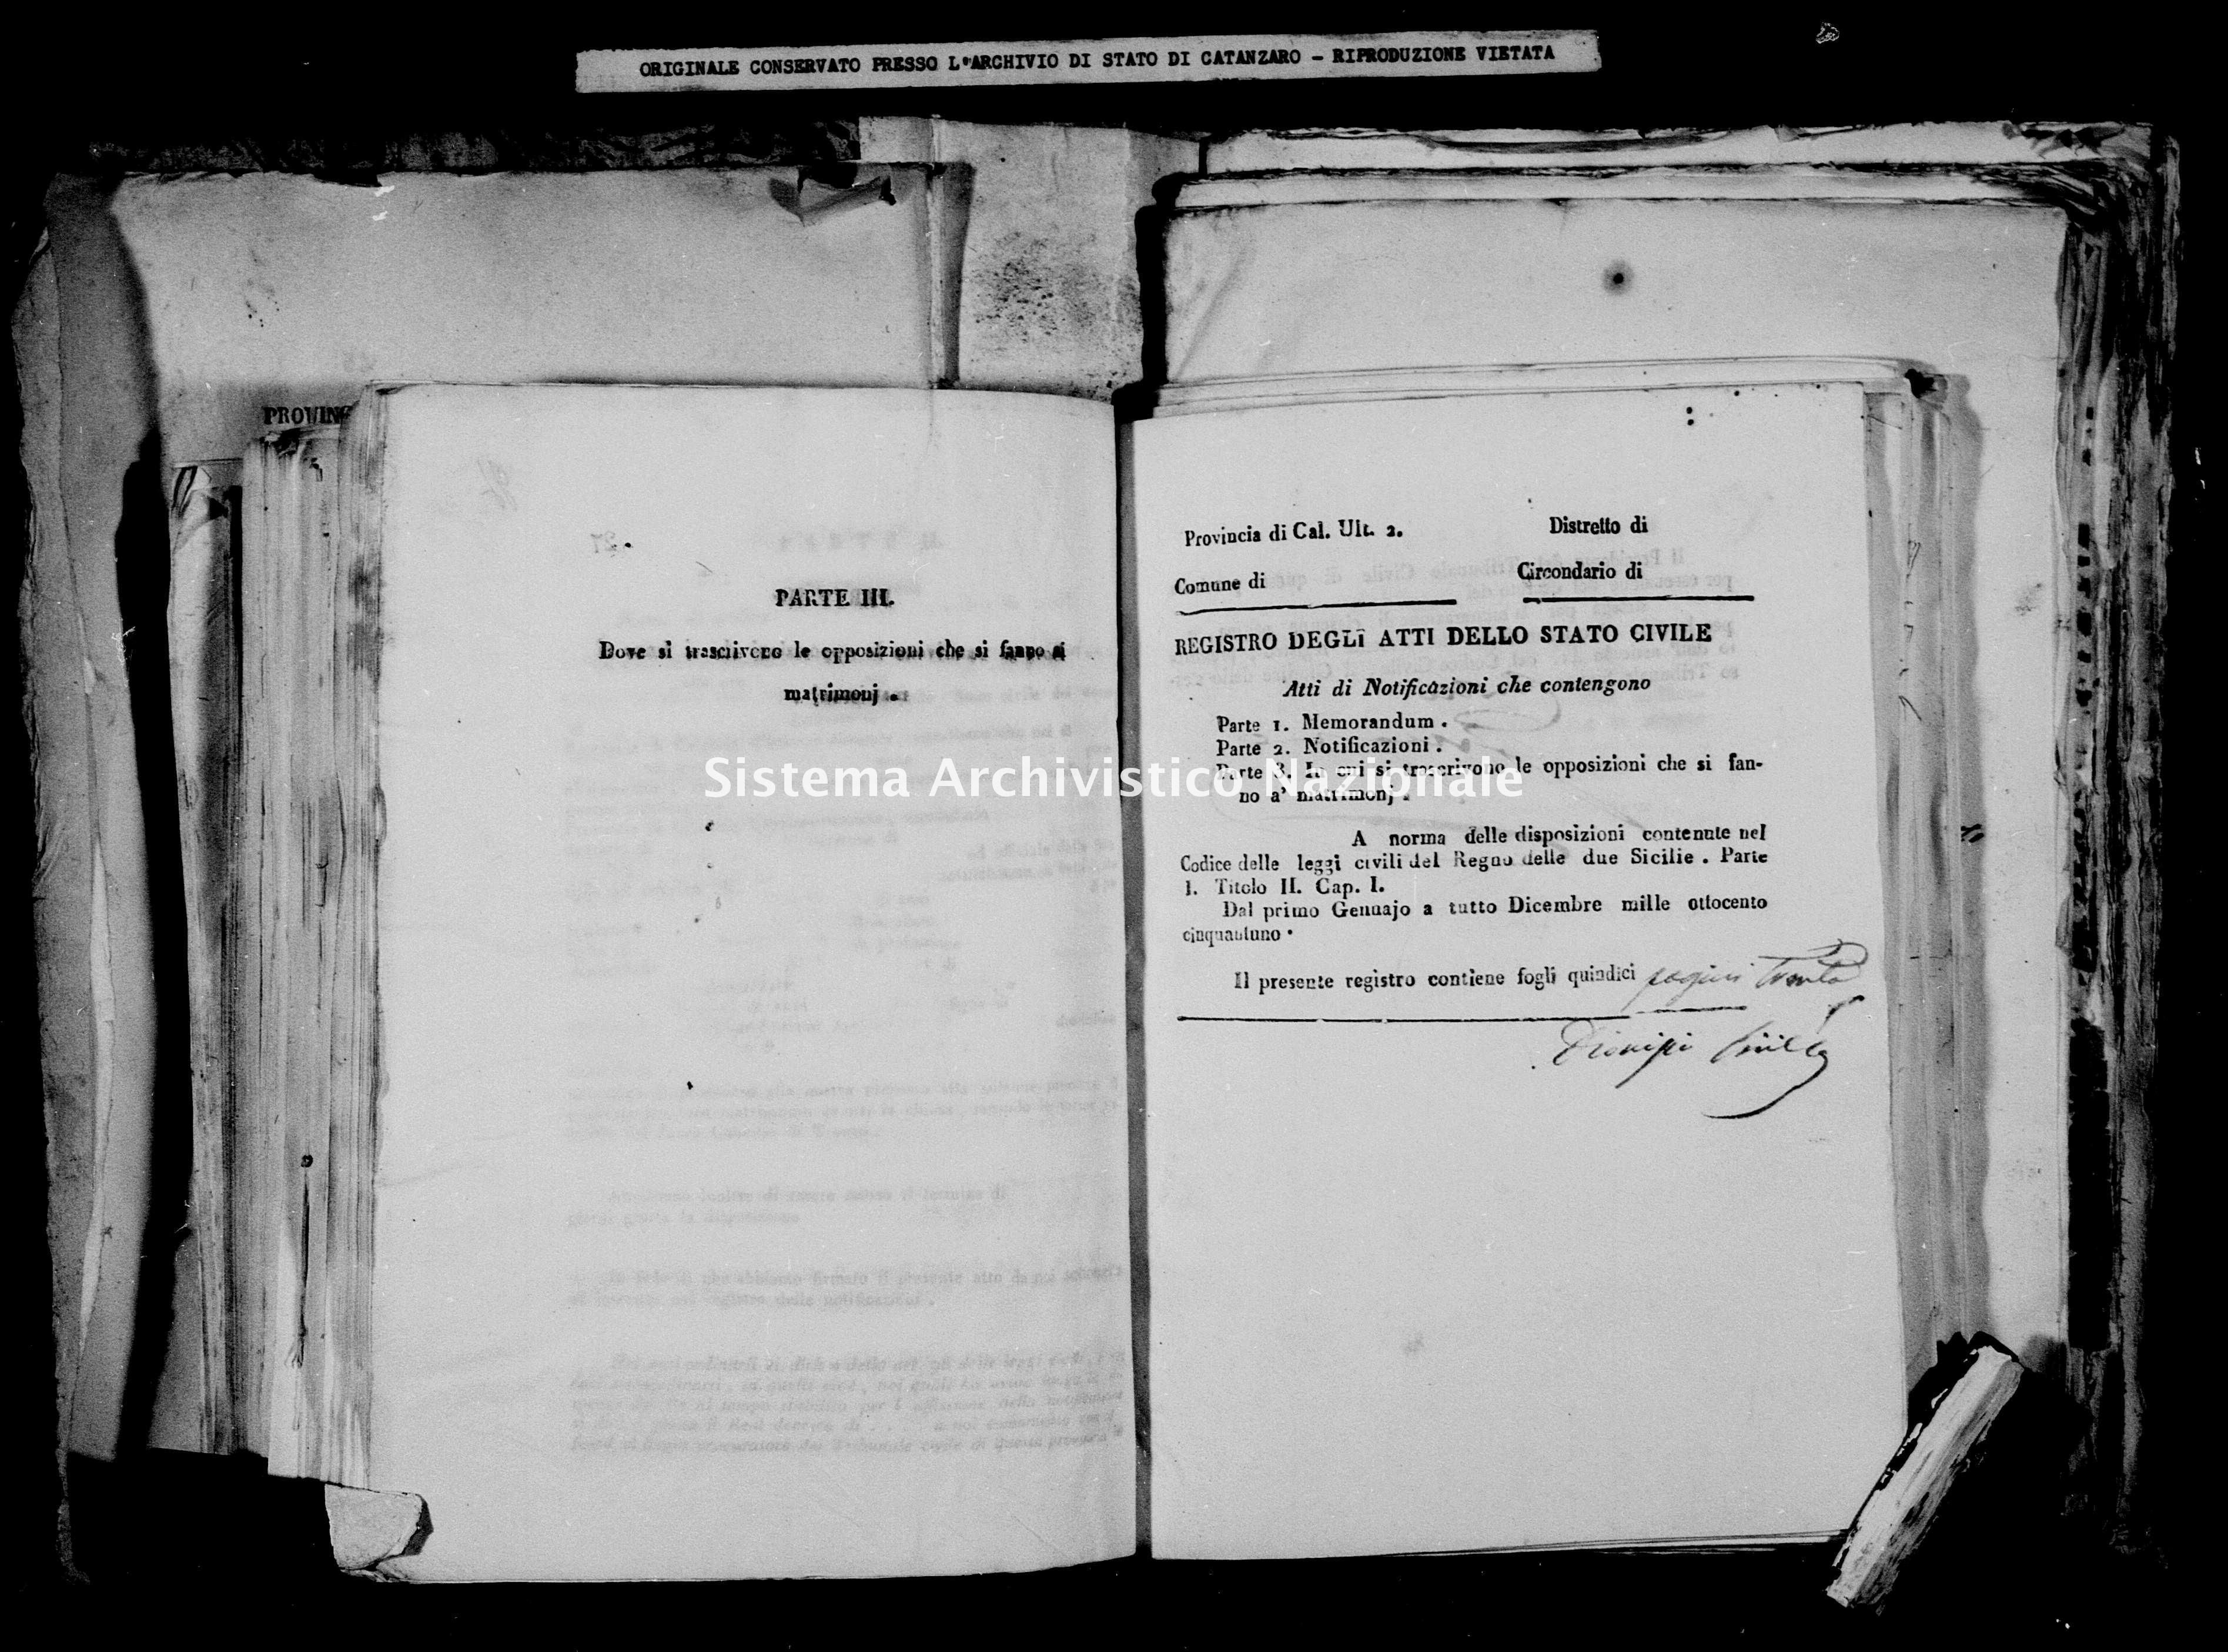 Archivio di stato di Catanzaro - Stato civile della restaurazione - Bella - Matrimoni, notificazioni - 1851 -